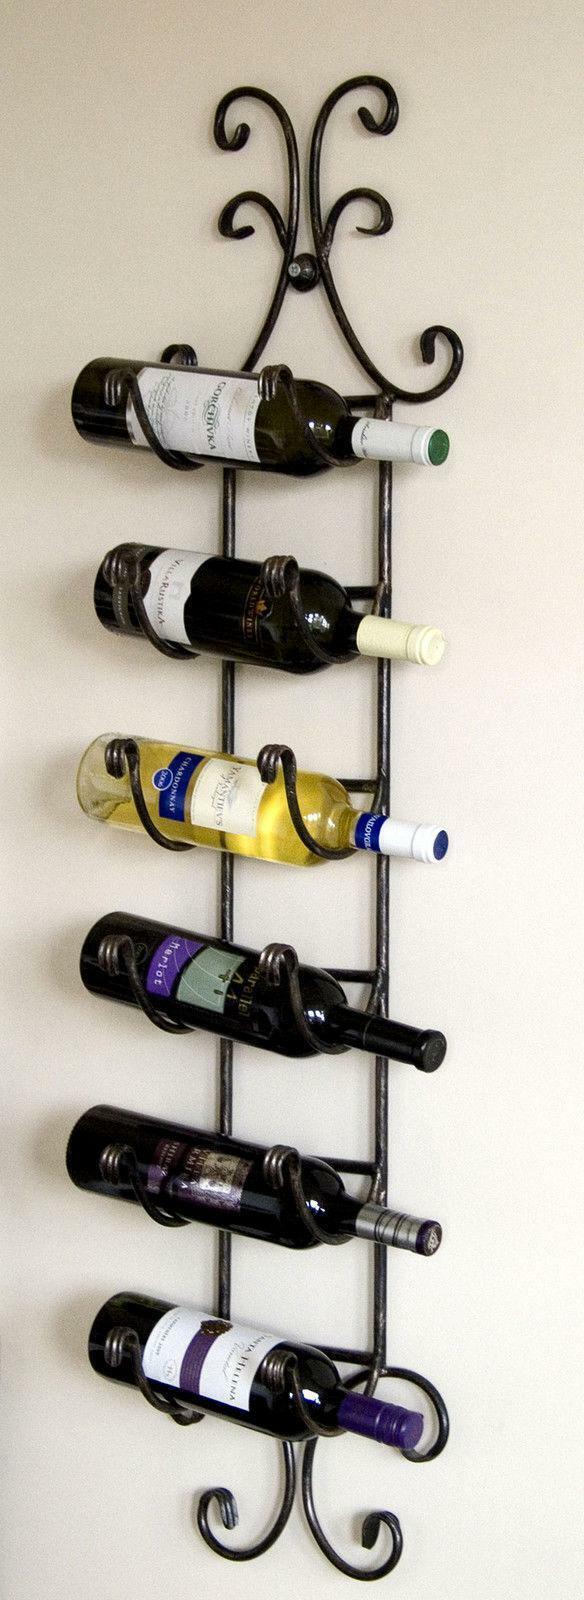 Botellero para Vino Estante de Parouge Colgar Hierro Forjado Portabotellas